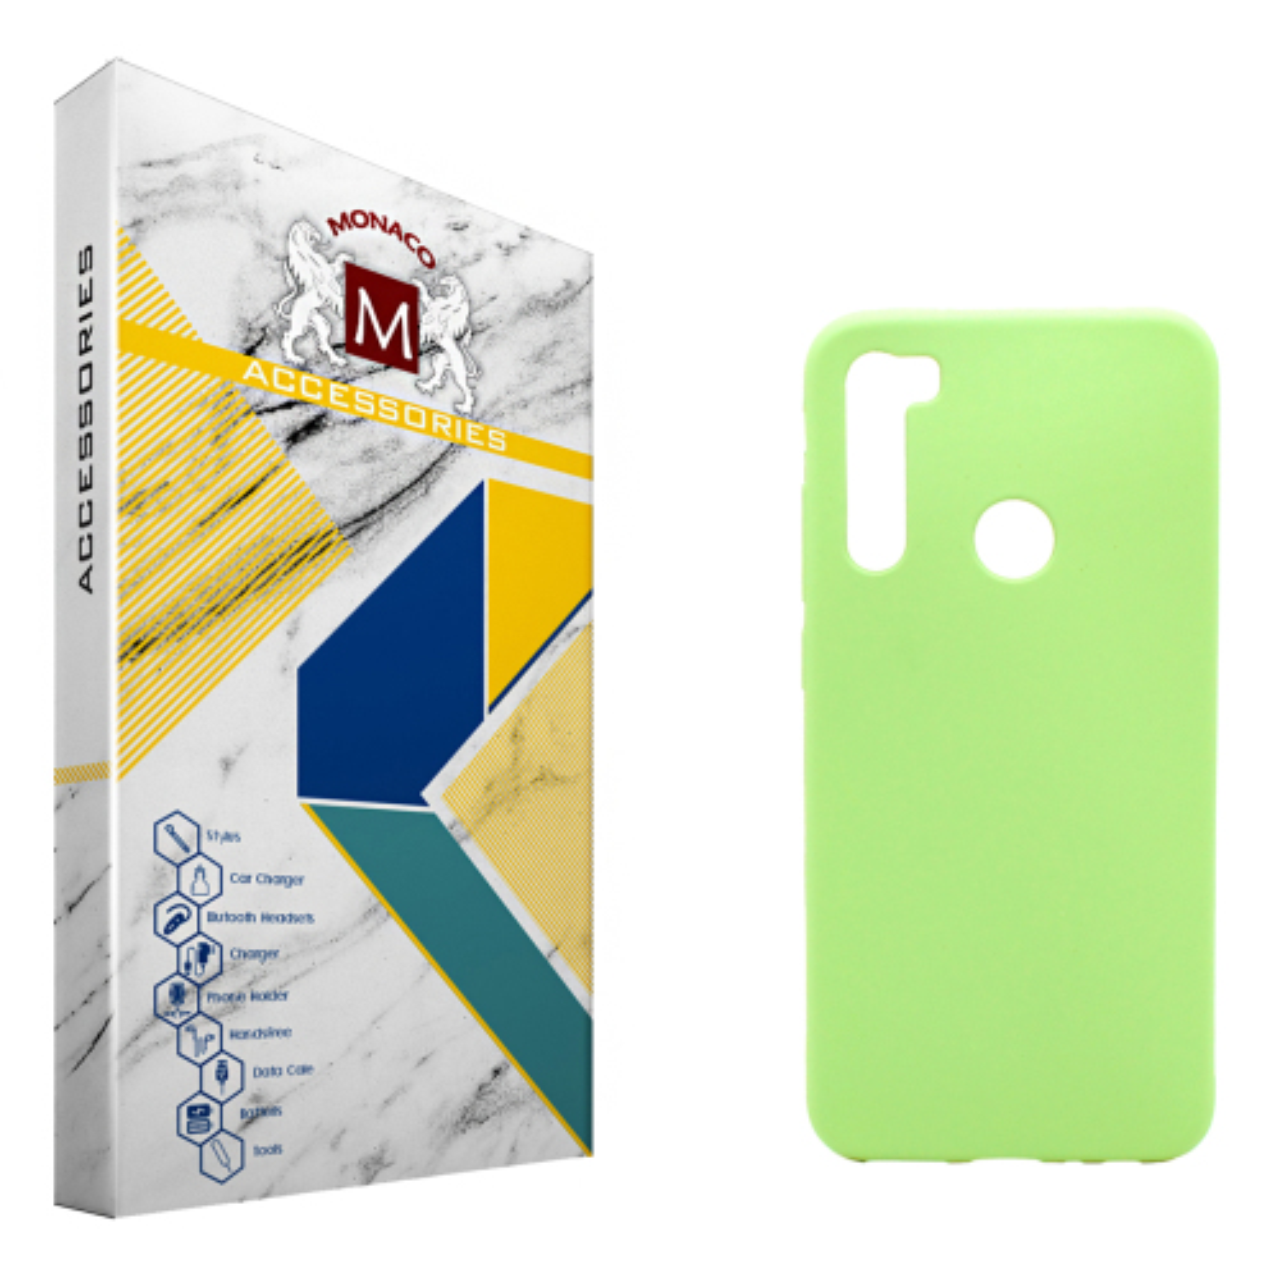 کاور موناکو مدل Sn273 مناسب برای گوشی موبایل شیائومی Redmi Note 8 به همراه 2 عدد محافظ صفحه نمایش